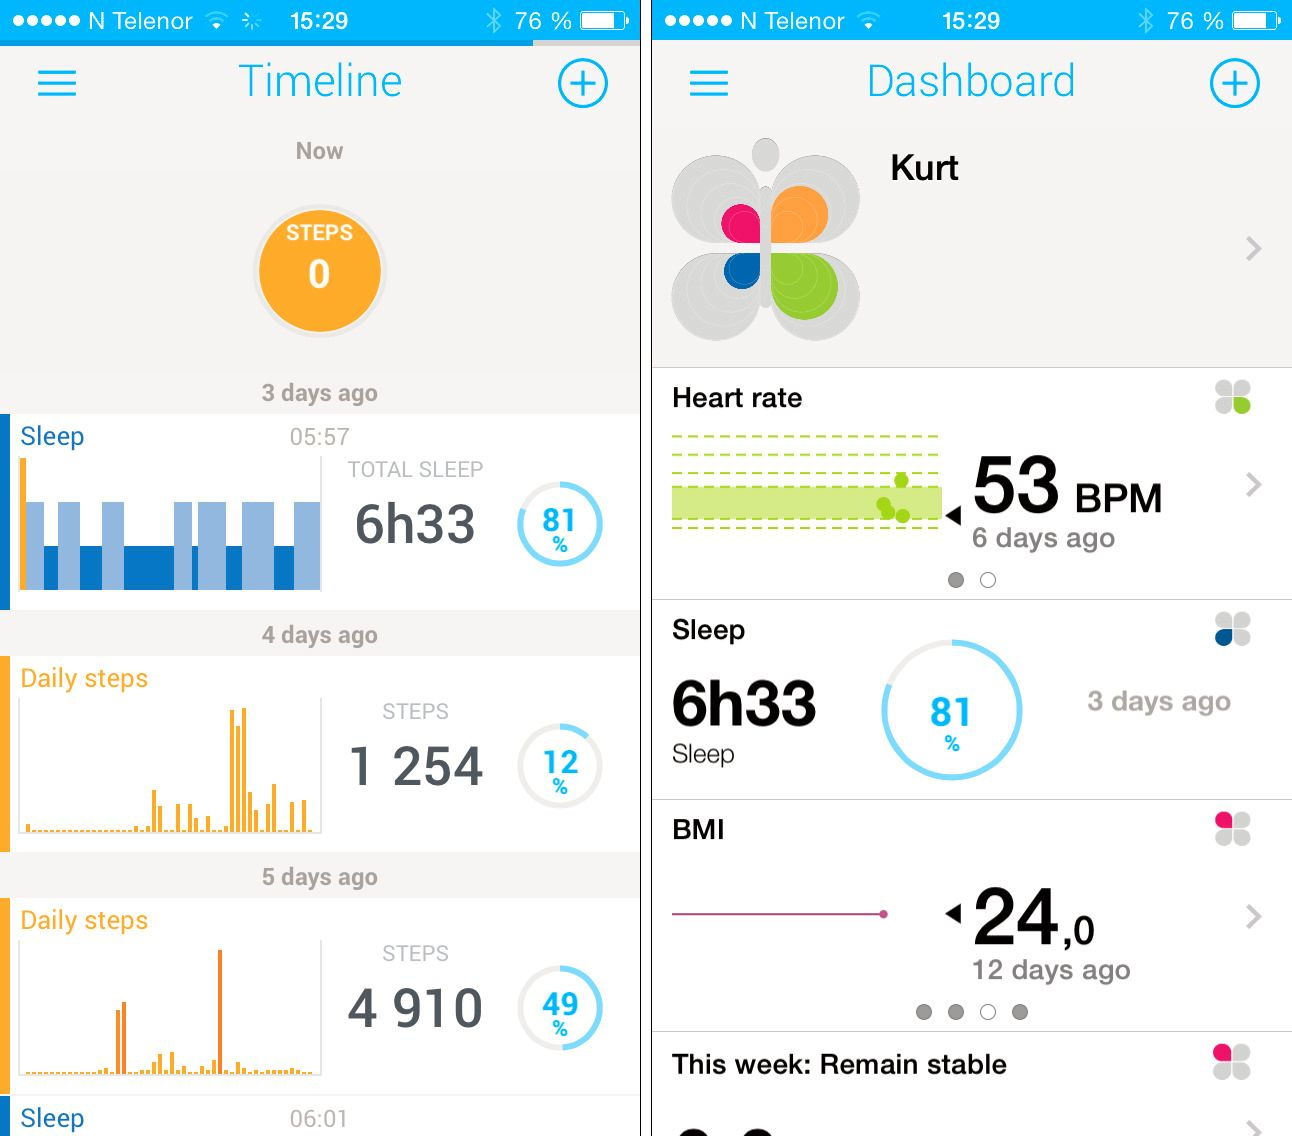 Appen gir en fin oversikt over aktivitetsnivå, vekt, puls og andre parametre.